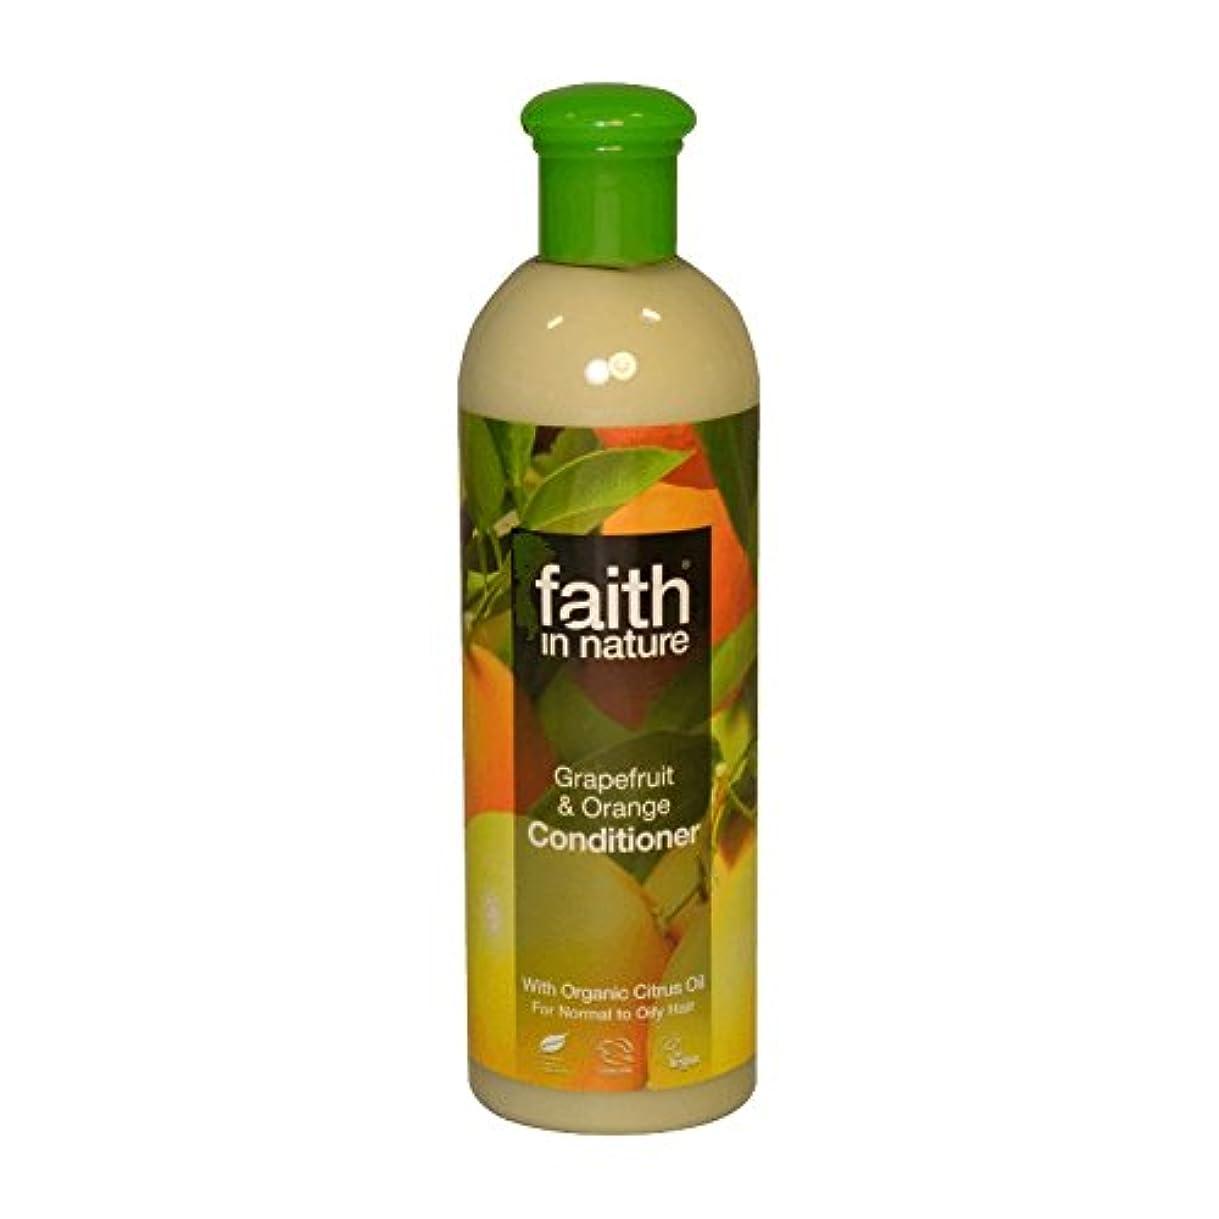 理解スケート背が高い自然グレープフルーツ&オレンジコンディショナー400ミリリットルの信仰 - Faith in Nature Grapefruit & Orange Conditioner 400ml (Faith in Nature)...